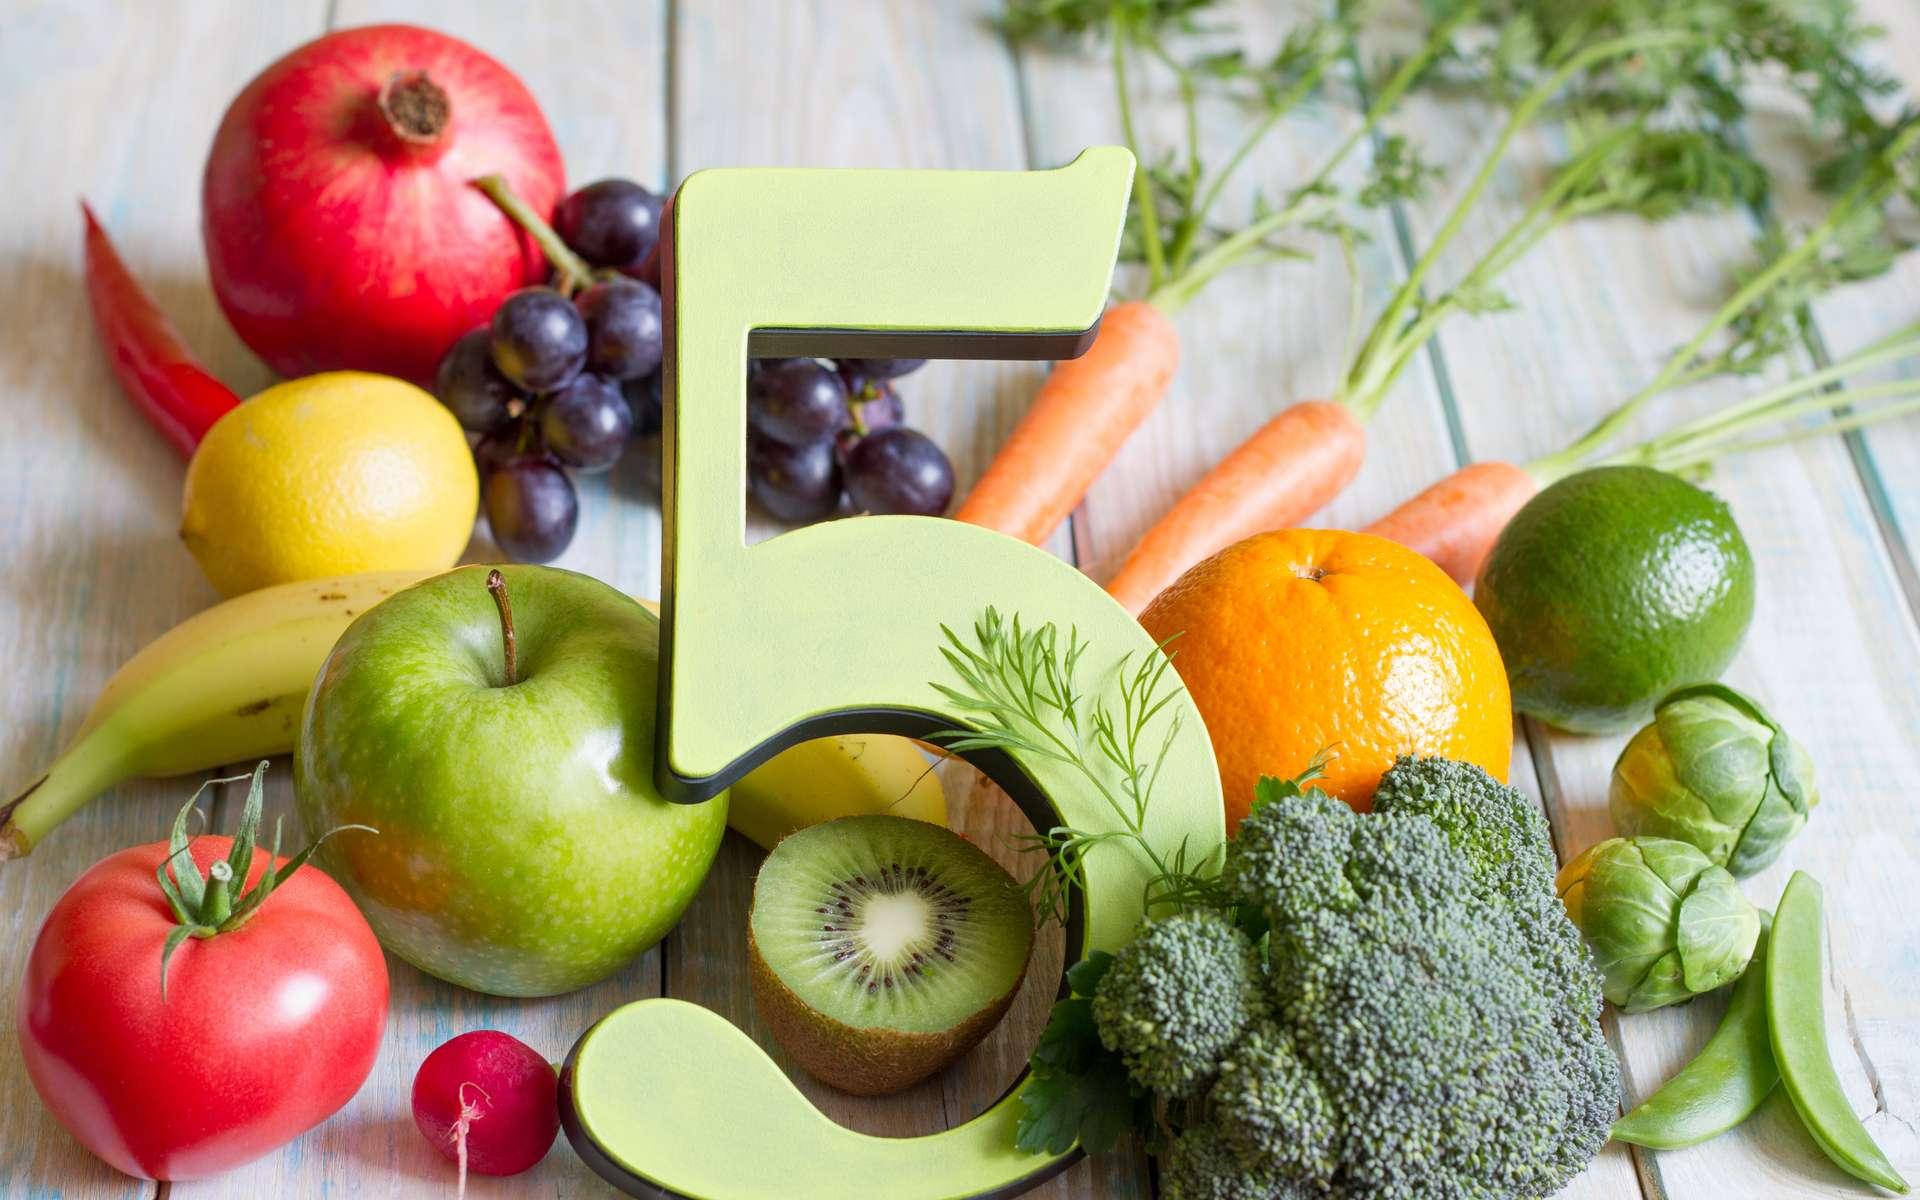 Manger cinq fruits et légumes par jour : l'effet boomerang des messages sanitaires. © udra11, Adobe Stock